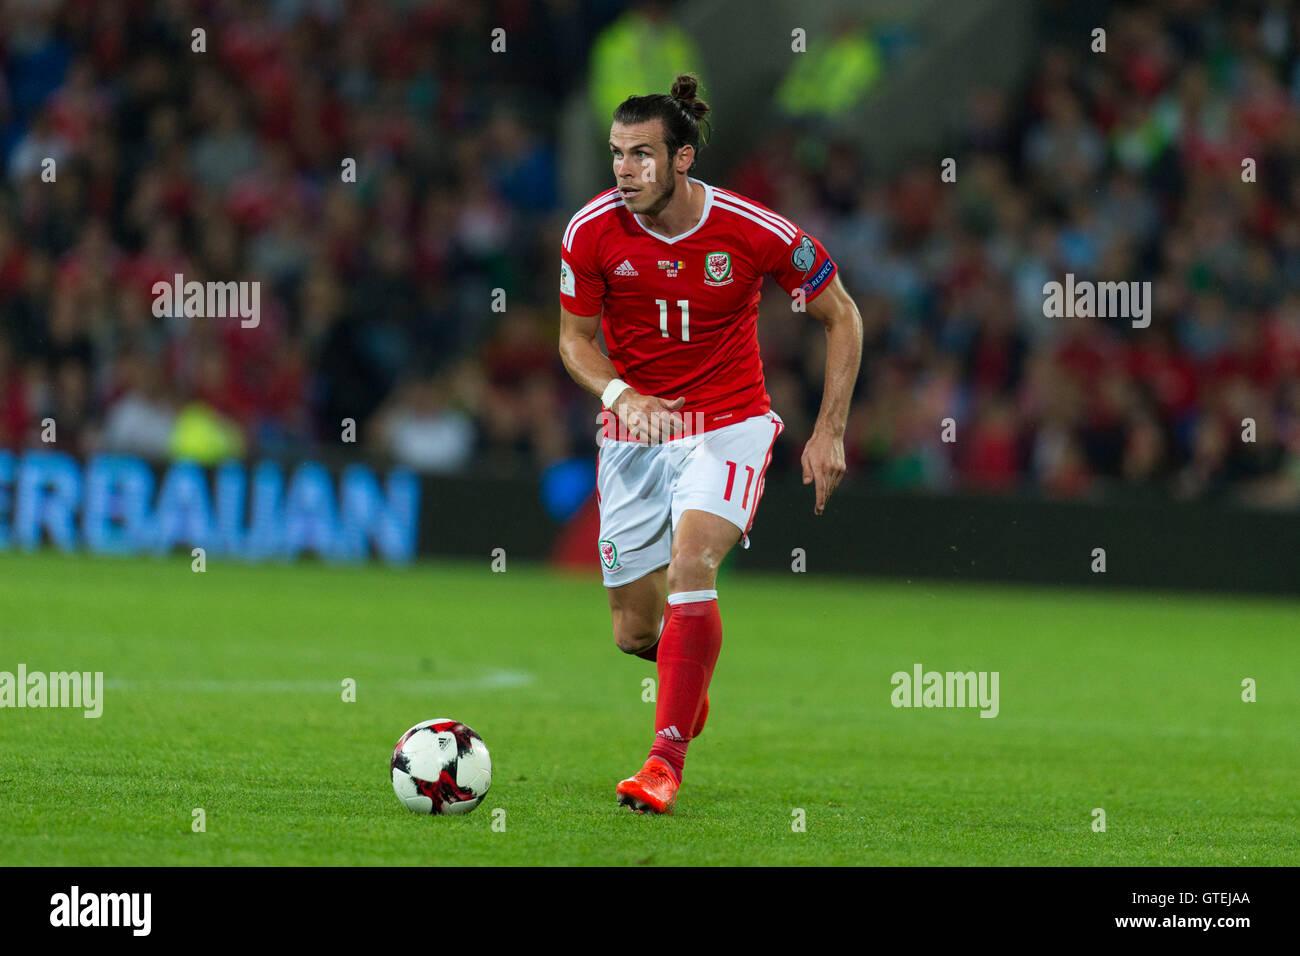 Calciatore gallese Gareth Bale in azione per il Galles squadra di calcio. Immagini Stock